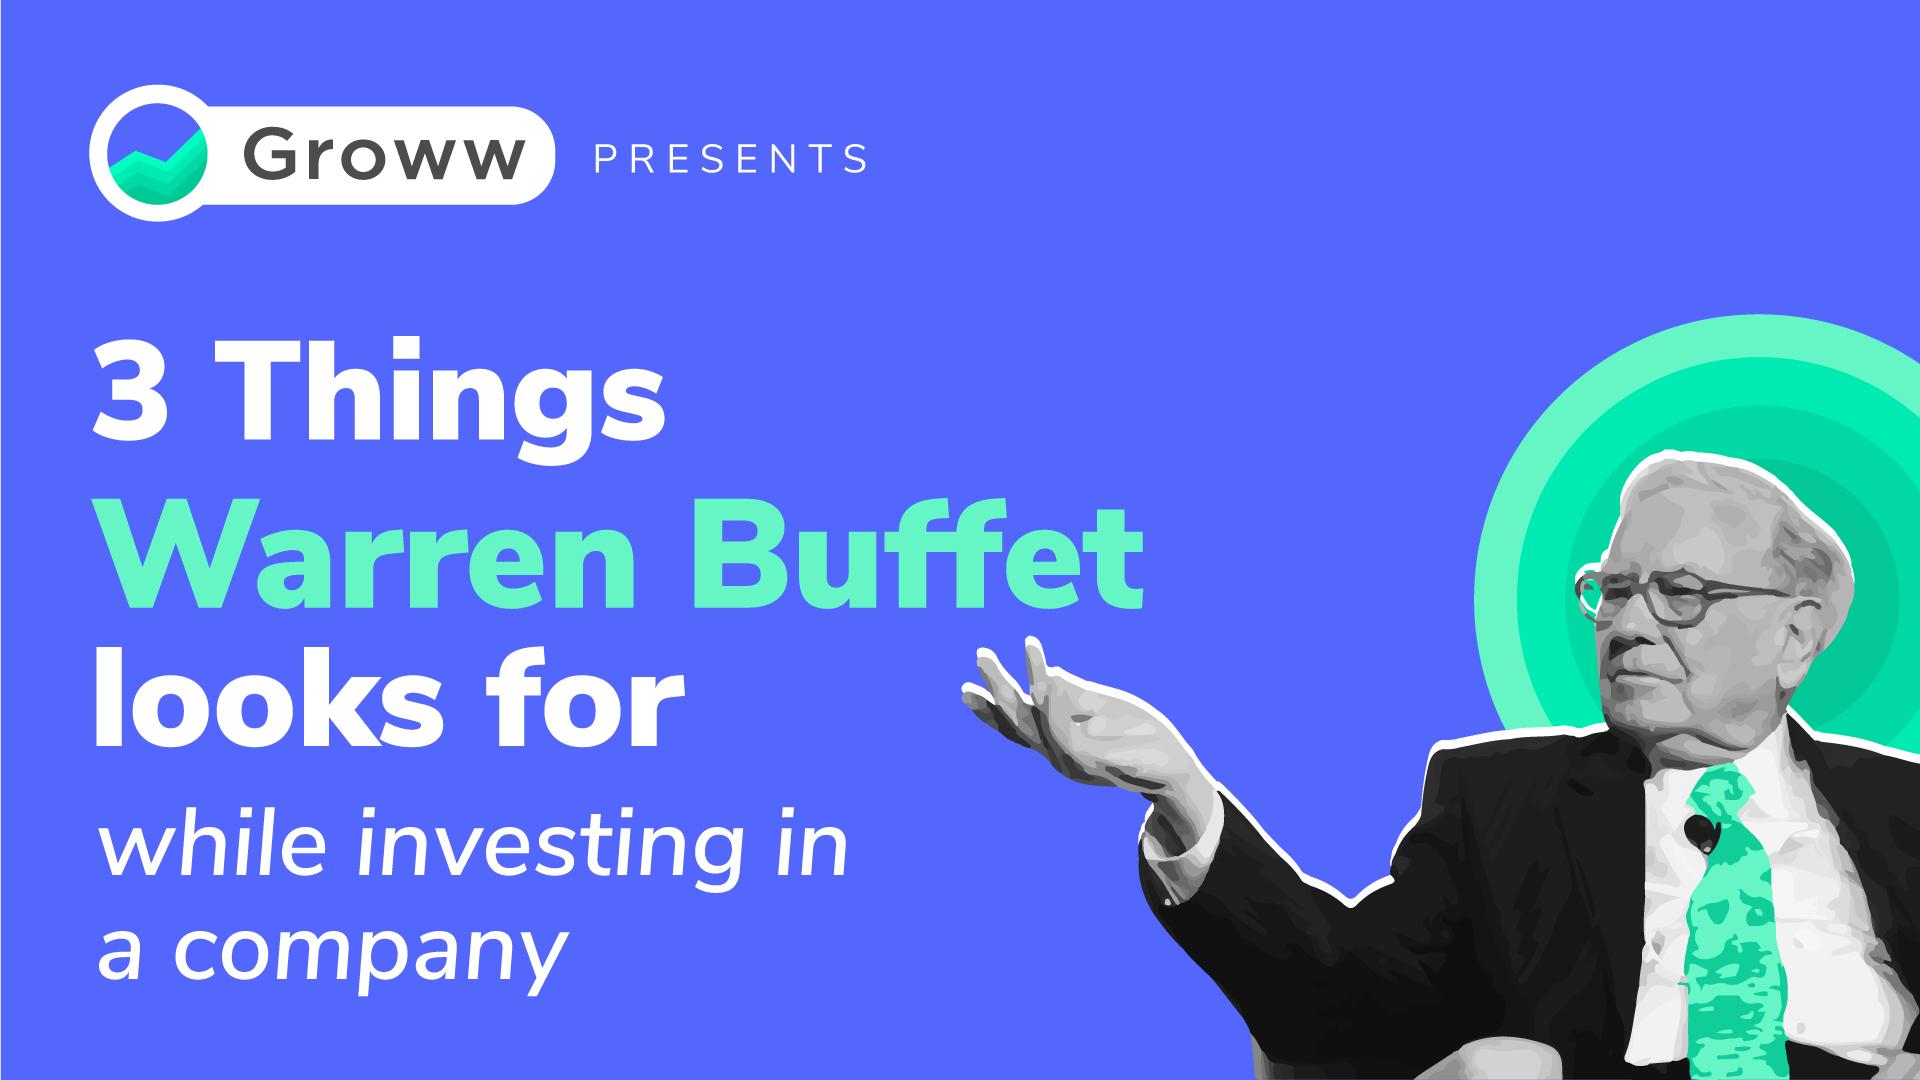 warren Buffet Investing